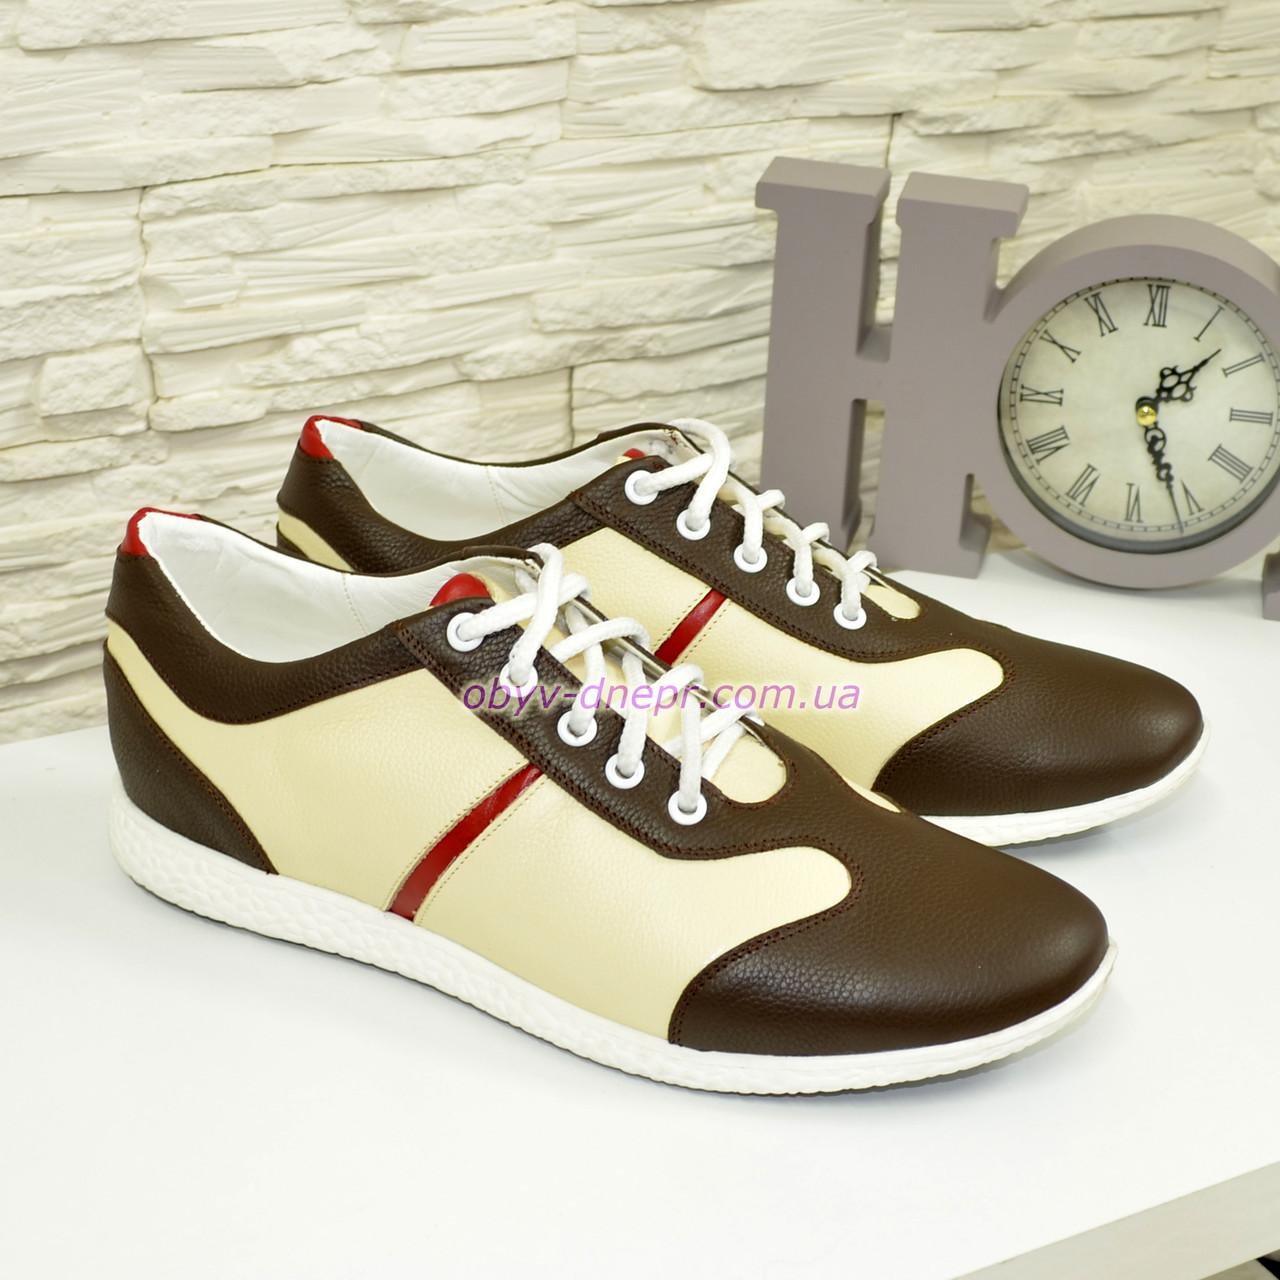 Кроссовки мужские кожаные бежево-кофейные, на шнуровке